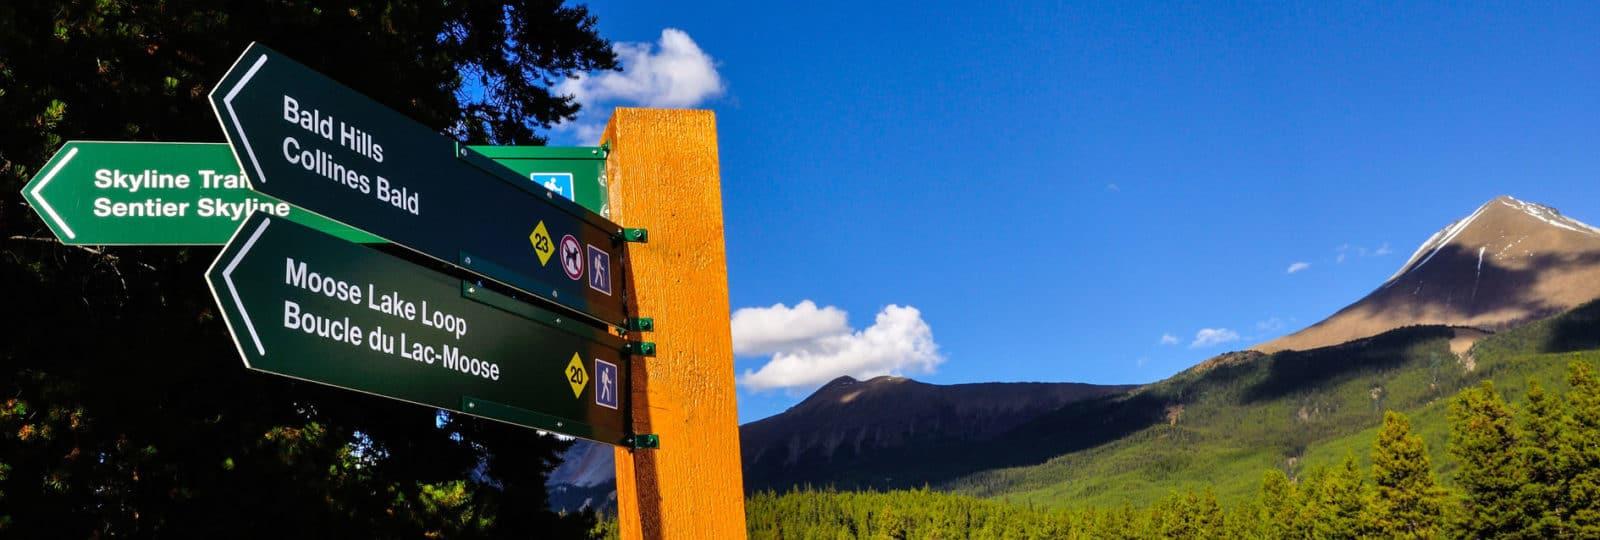 Auf Schusters Rappen durch die Weiten der Rocky Mountains